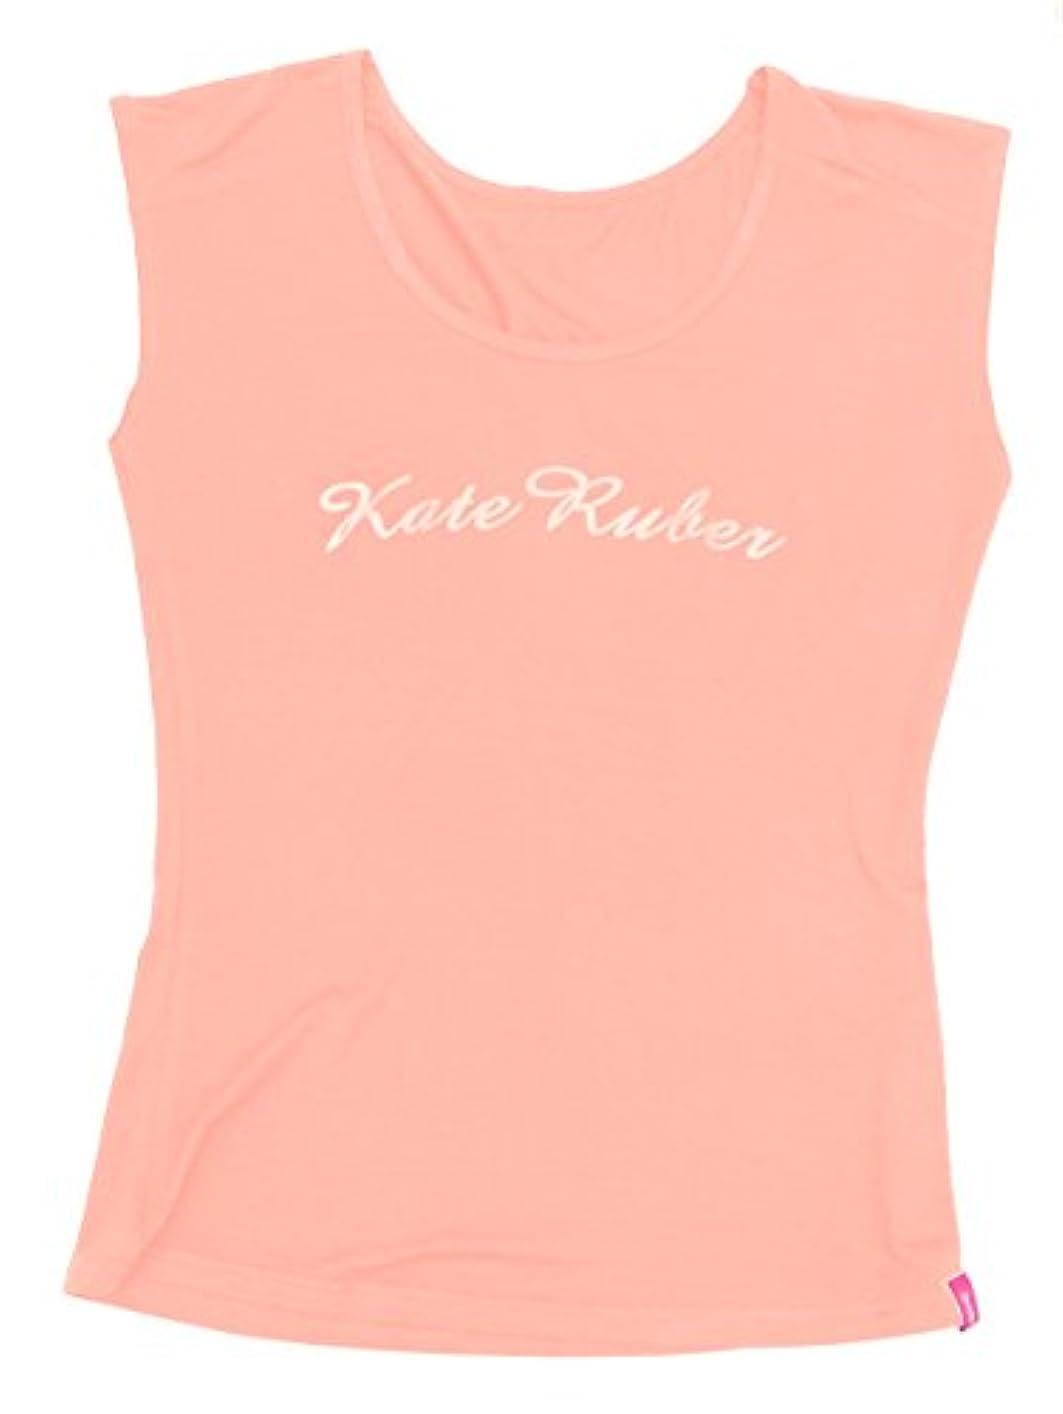 嫌悪密度広げるKate Ruber (ケイトルーバー) ヨガTシャツ ピンクM-L